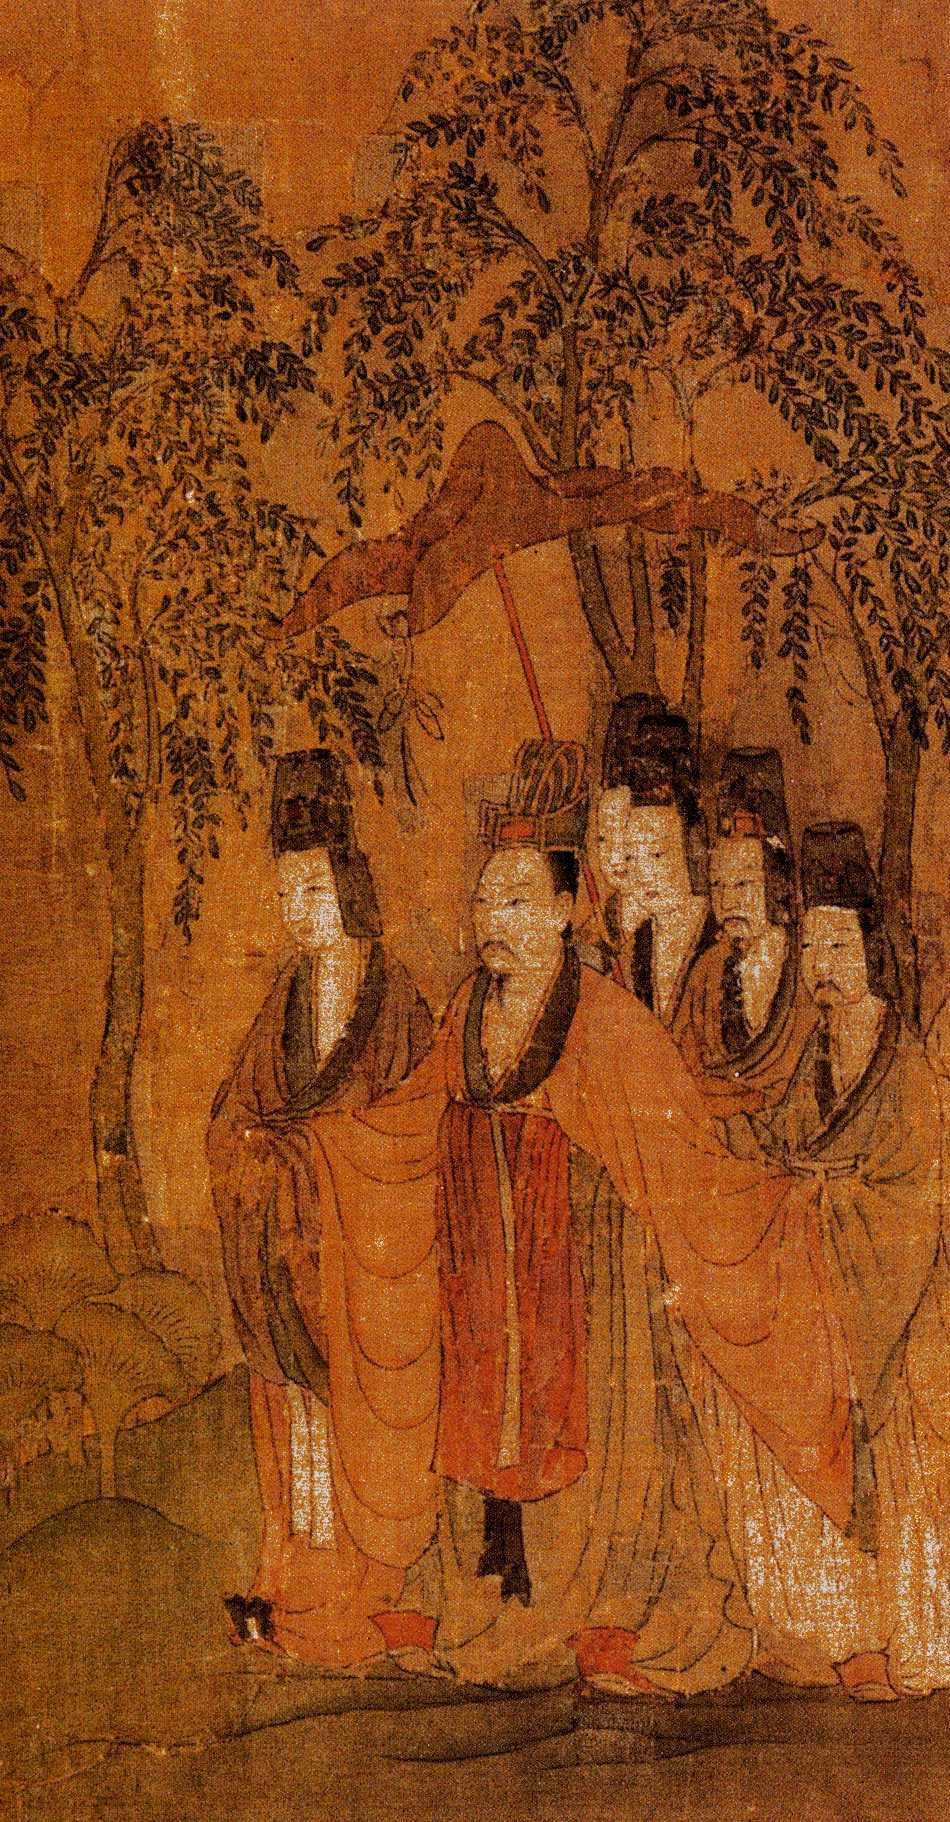 顧愷之《洛神賦圖》中 曹植全身畫像